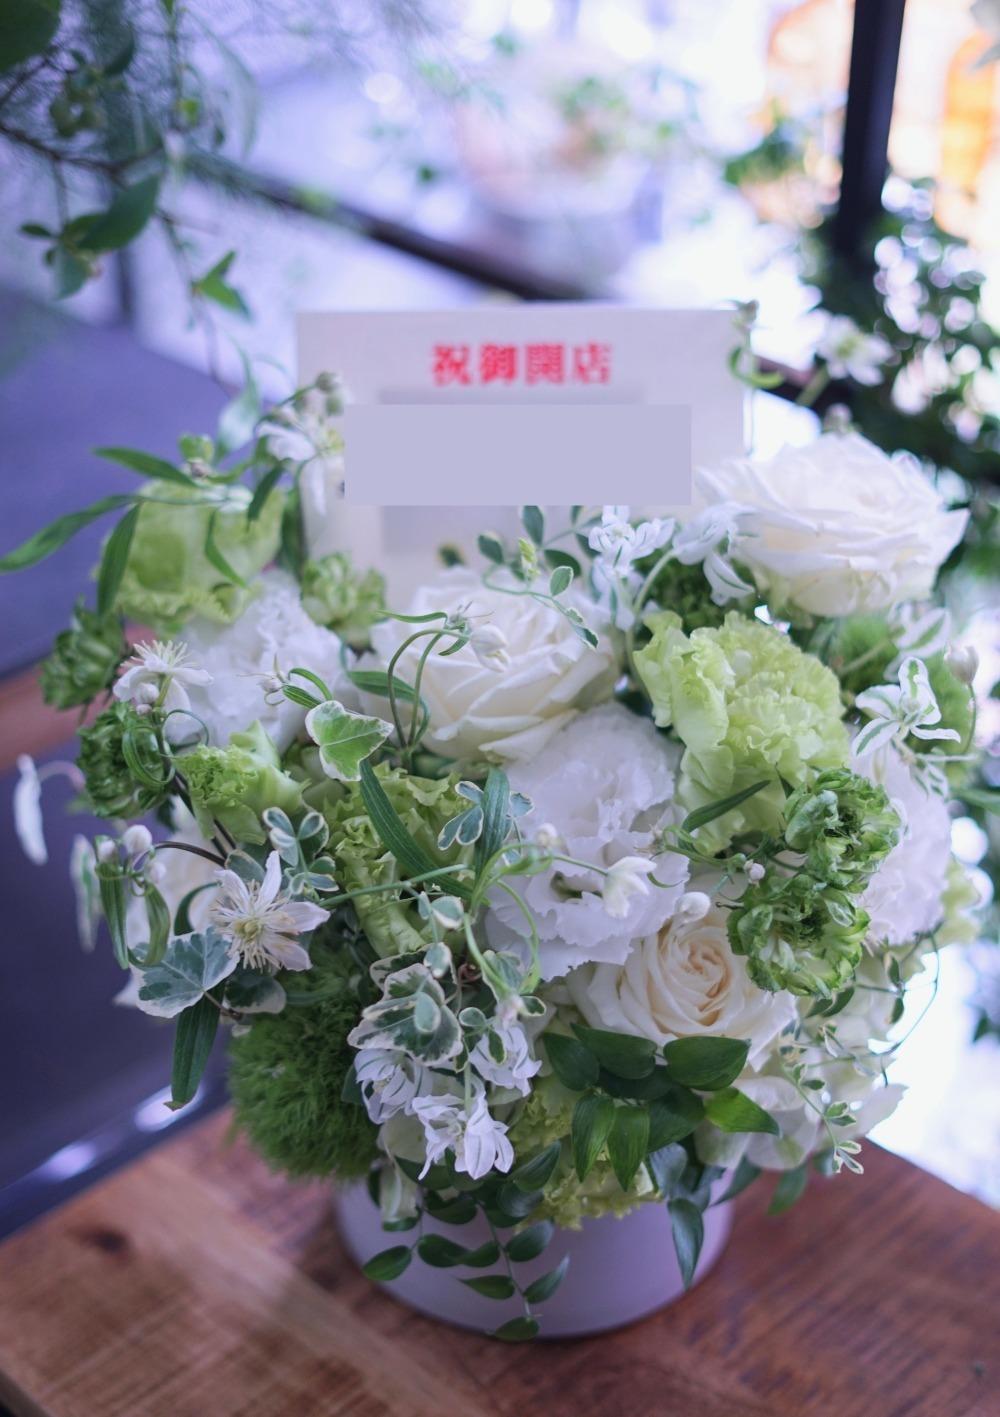 「上品で清潔な白が印象的」開店祝い花